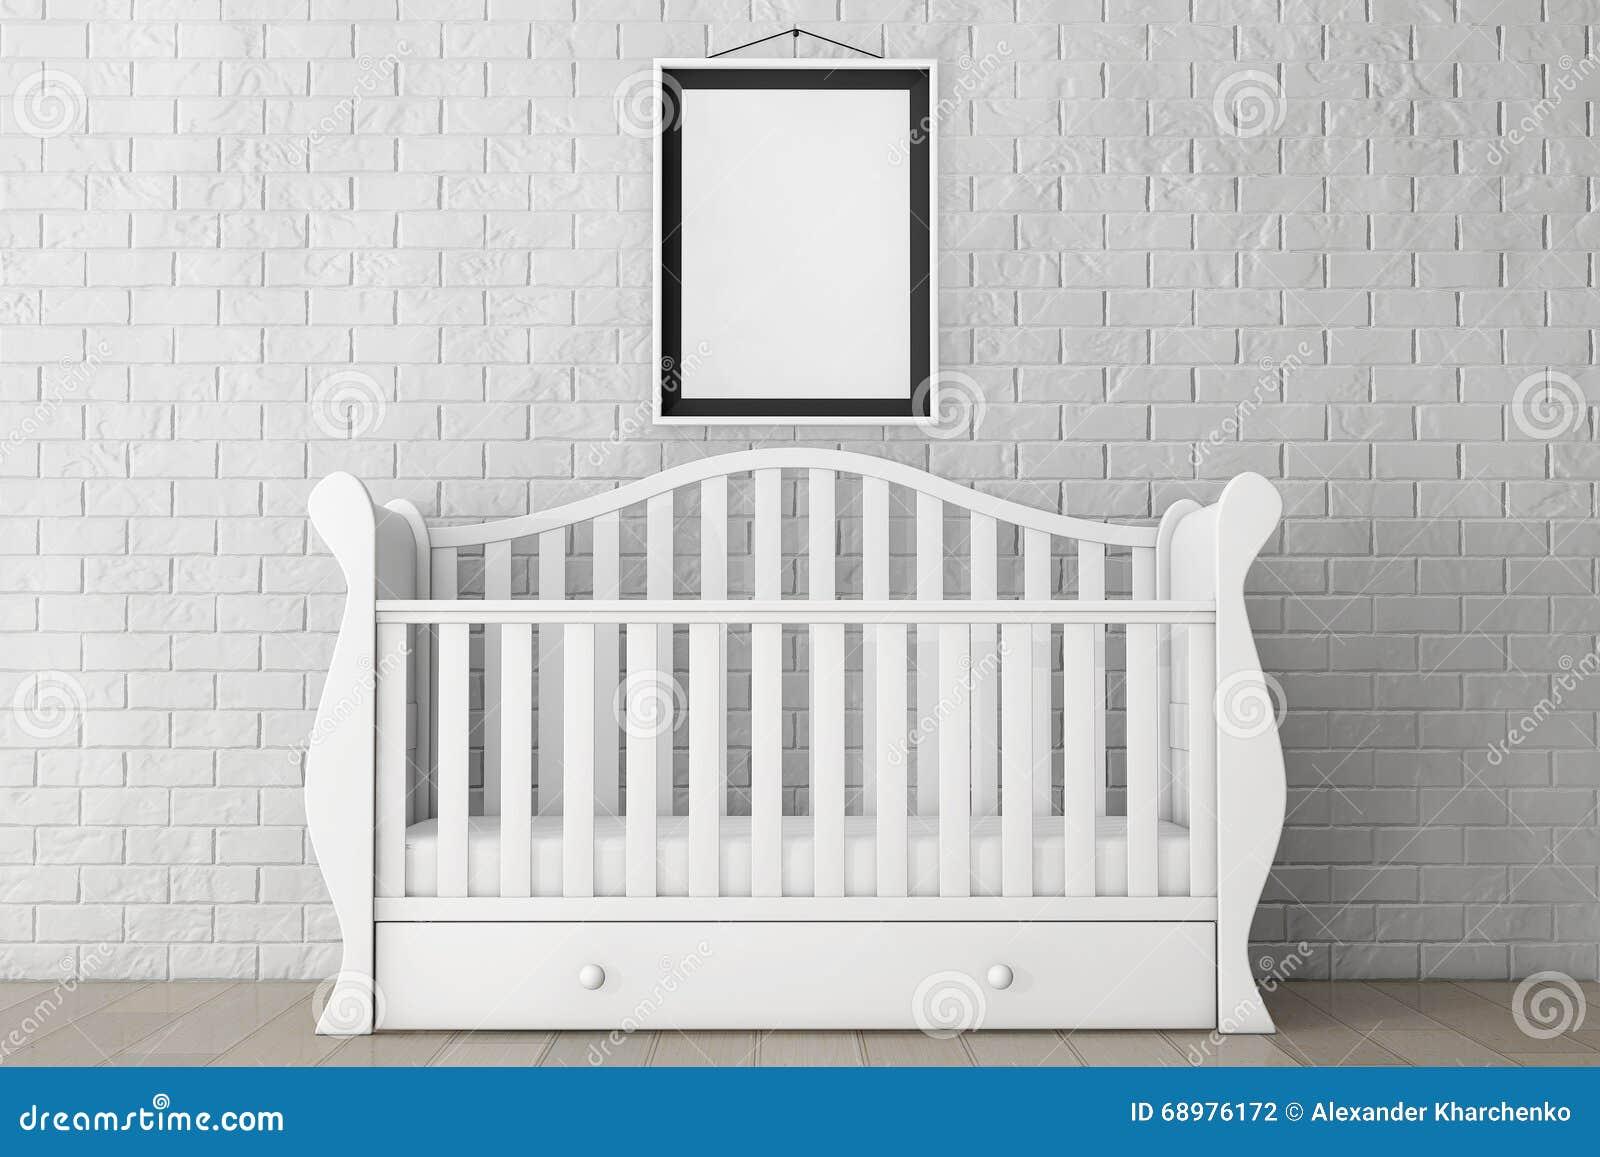 Lit De Bebe Avec Le Cadre Vide De Photo Rendu 3d Photo Stock Image